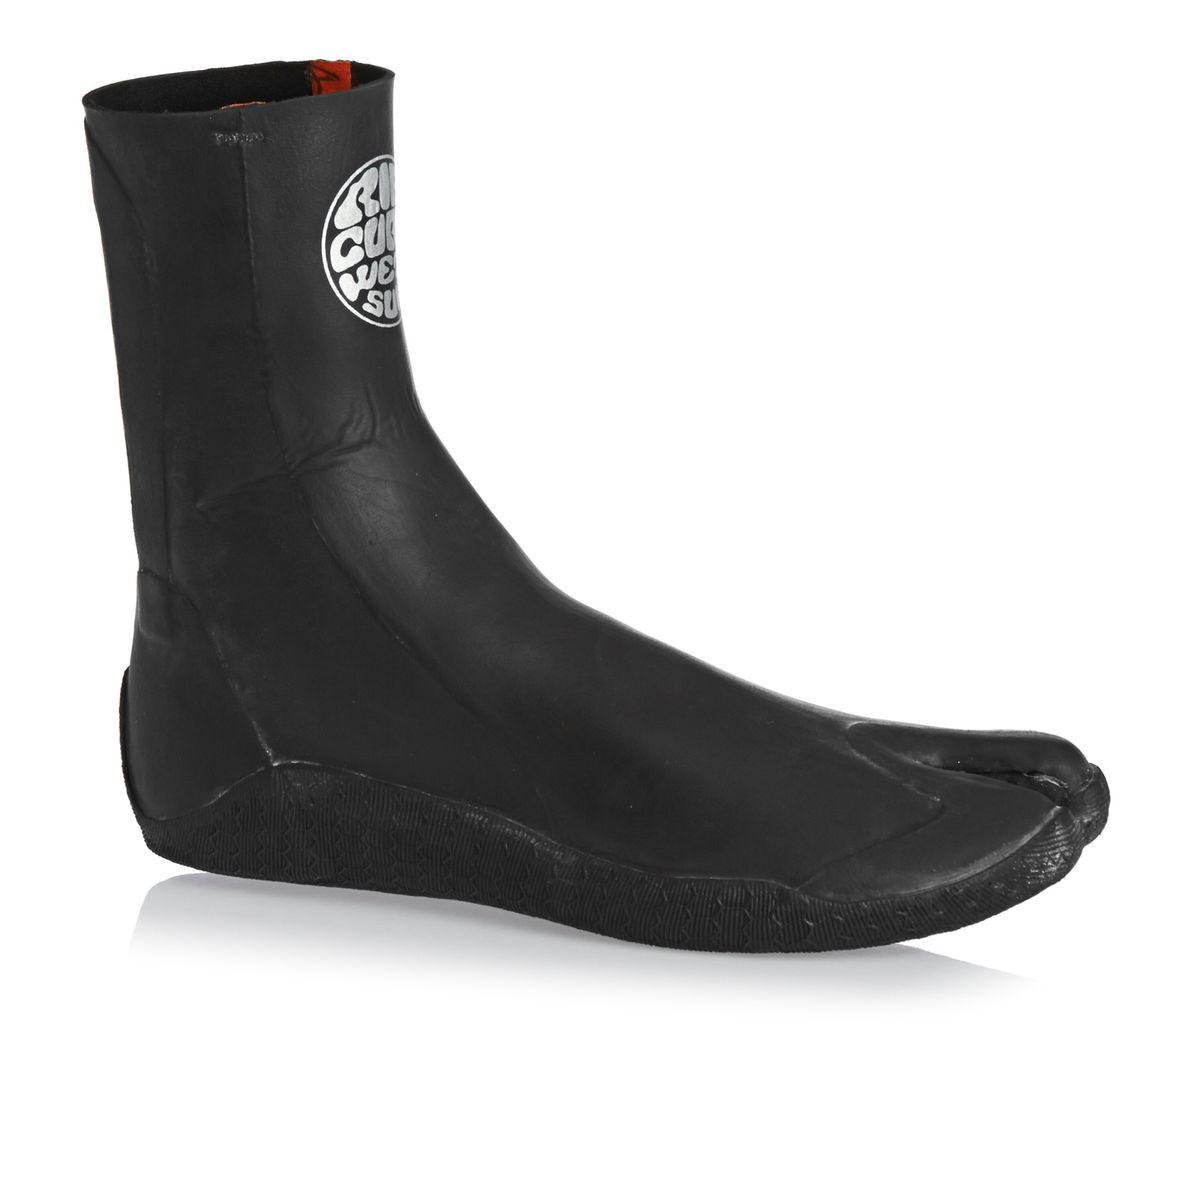 Rip Curl Rubber Soul 2mm Split Toe Wetsuit Boots - Black